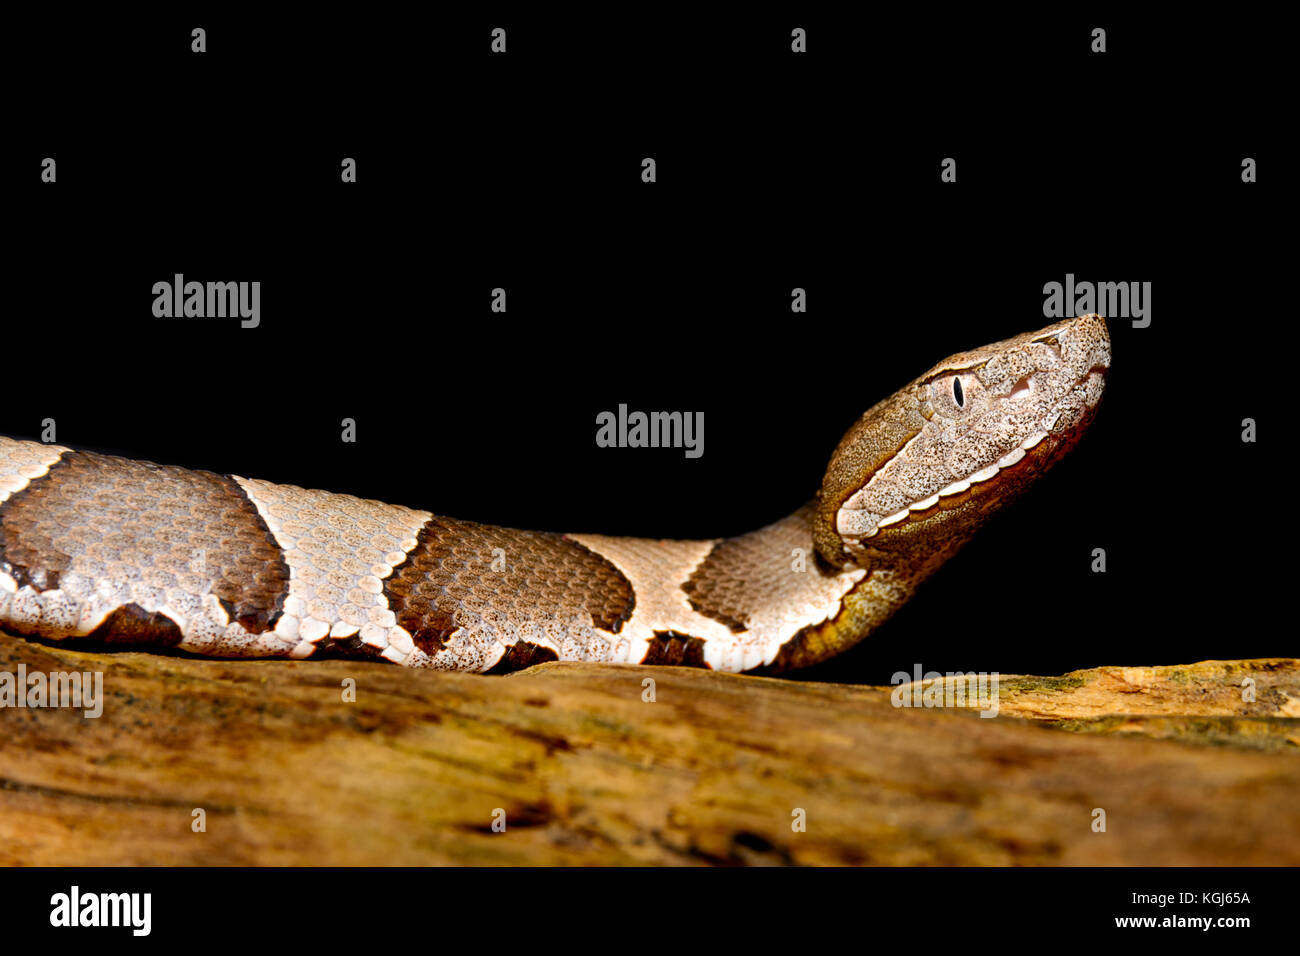 La serpiente cabeza de cobre (copperhead) de banda ancha (agkistrodon contortrix laticinctus) sobre fondo negro Imagen De Stock